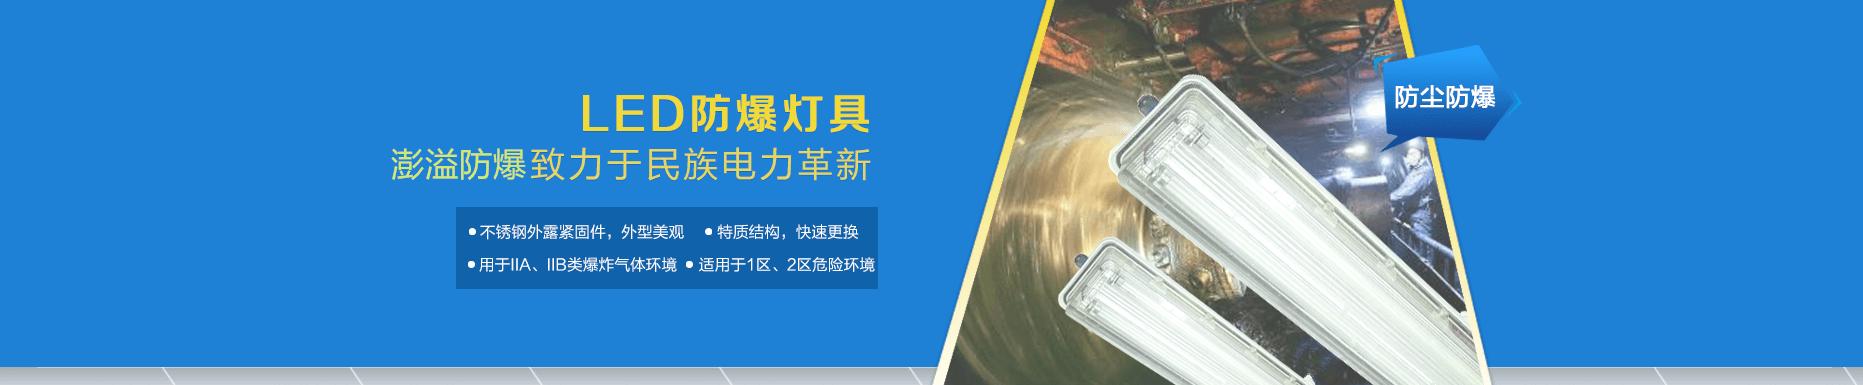 浙江澎溢防爆电气有限公司